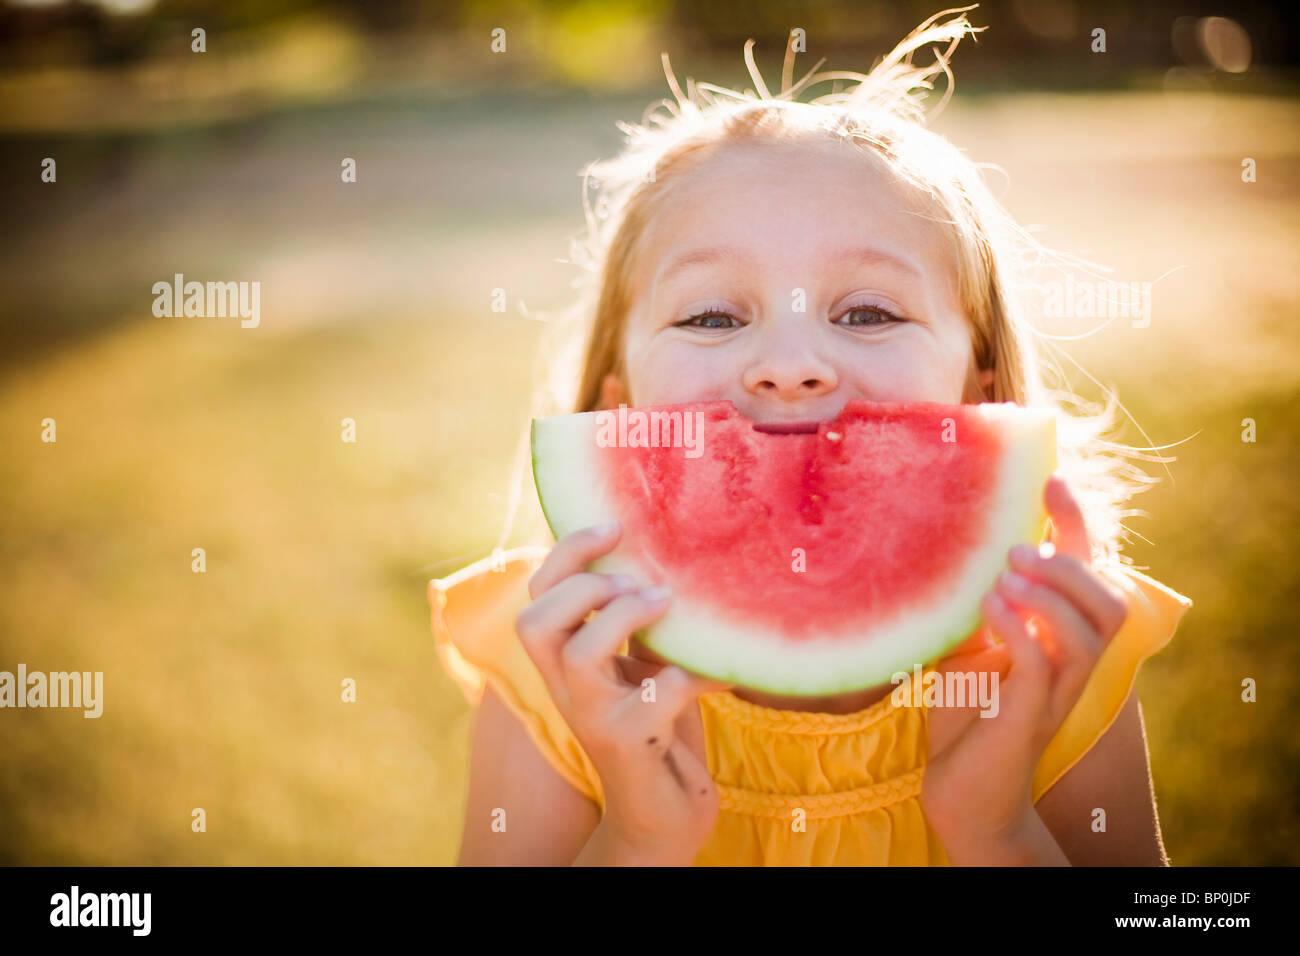 Junge Mädchen machen Lächeln mit Wassermelone Stockbild